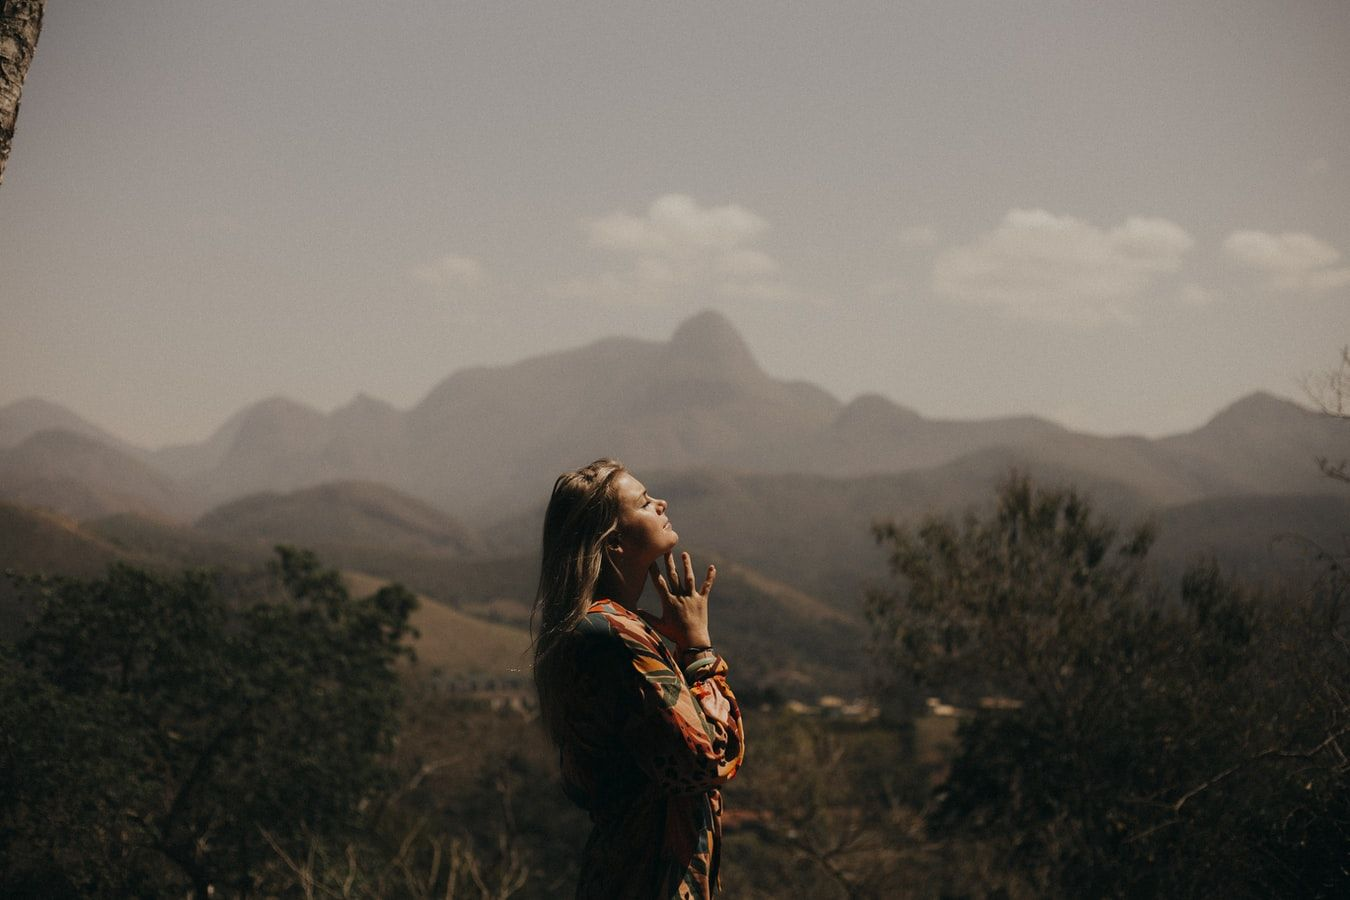 Medo de ficar sozinho - principais causas e formas de lidar com a condição